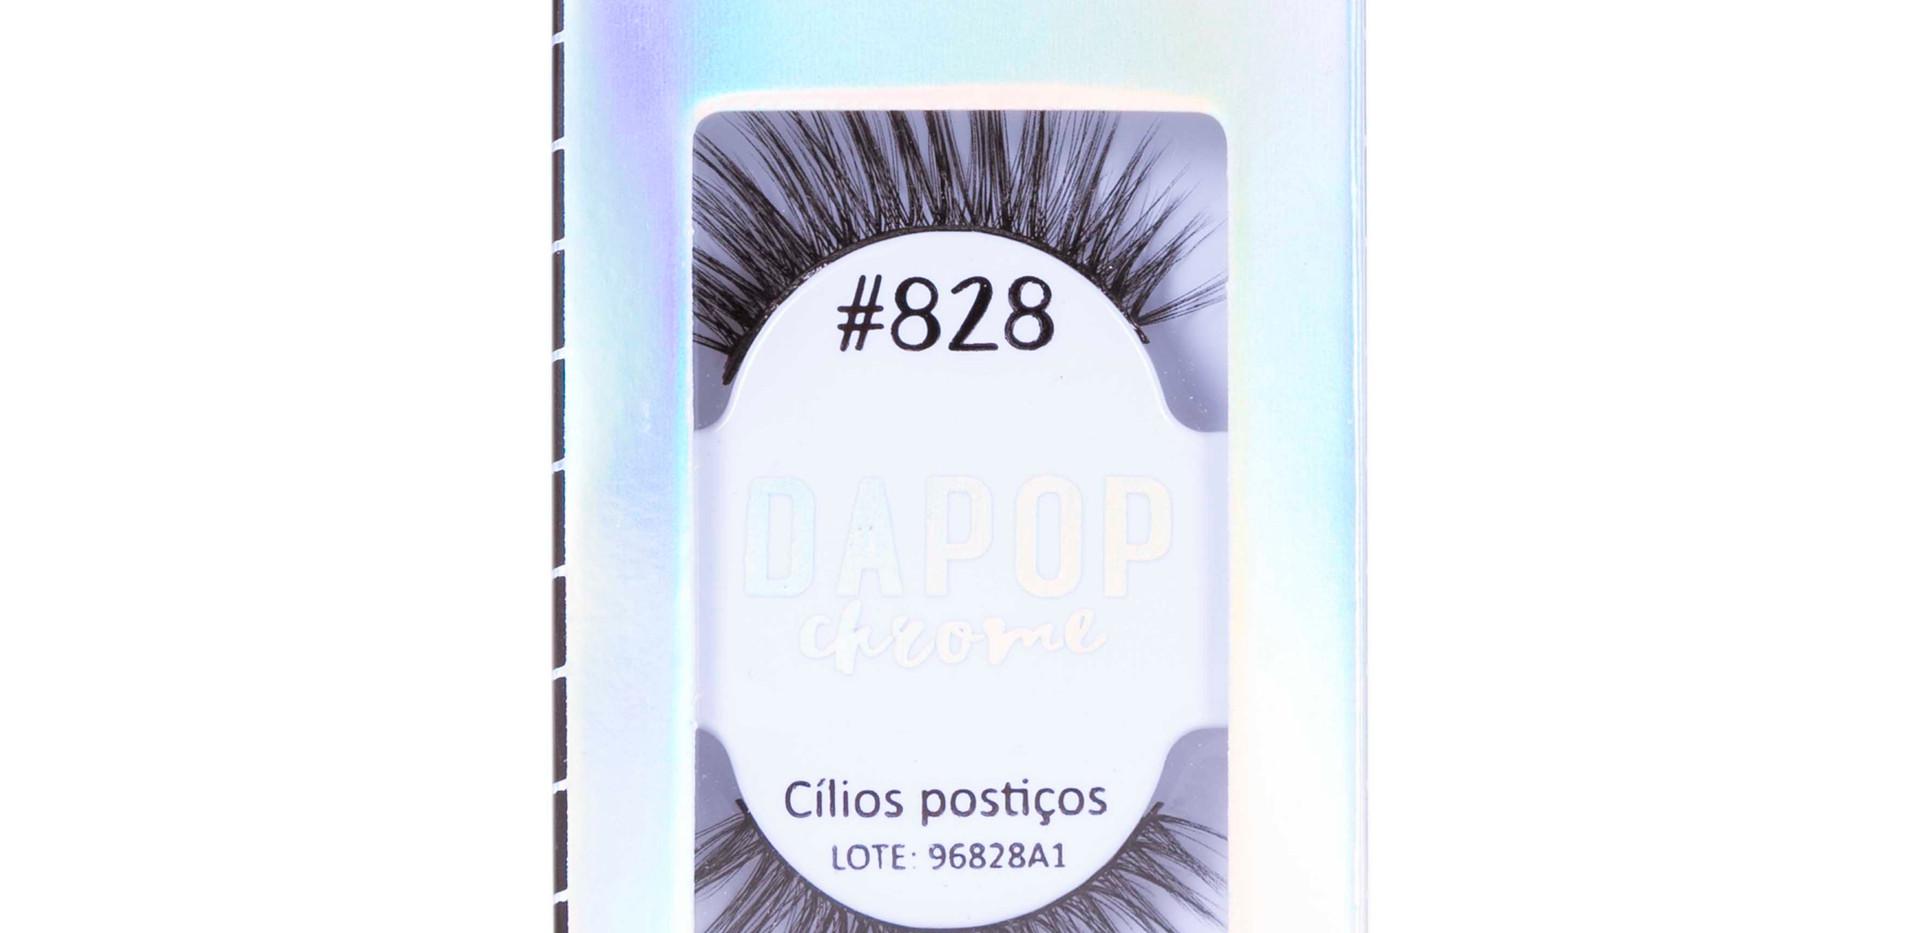 Cílios Postiços Premium #828 Dapop - HB96828 (3)